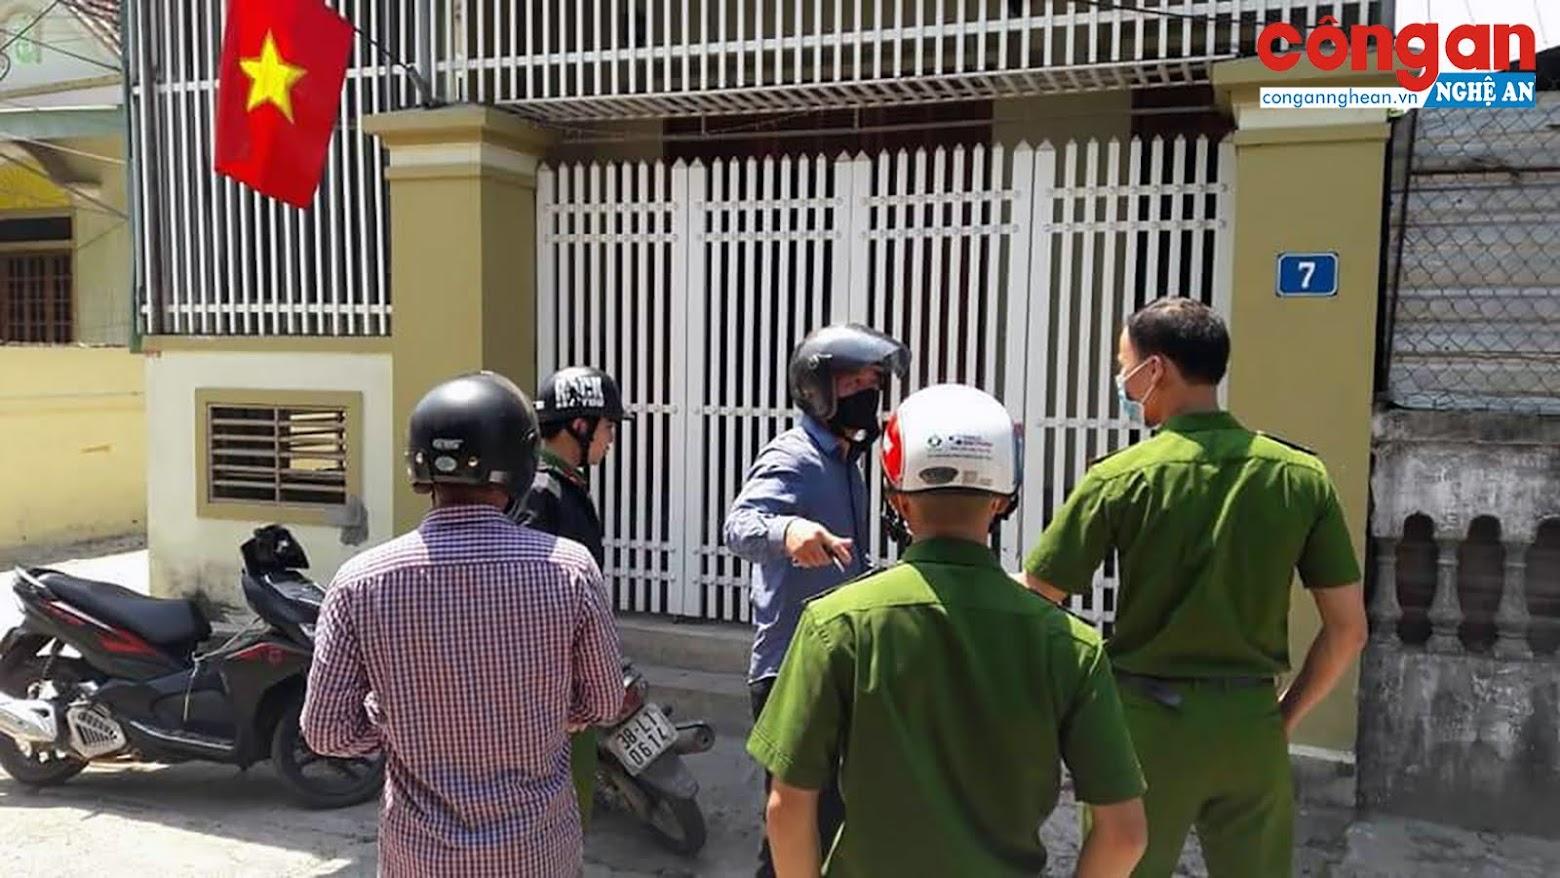 Lực lượng công an đang khẩn trương điều tra, truy bắt hung thủ